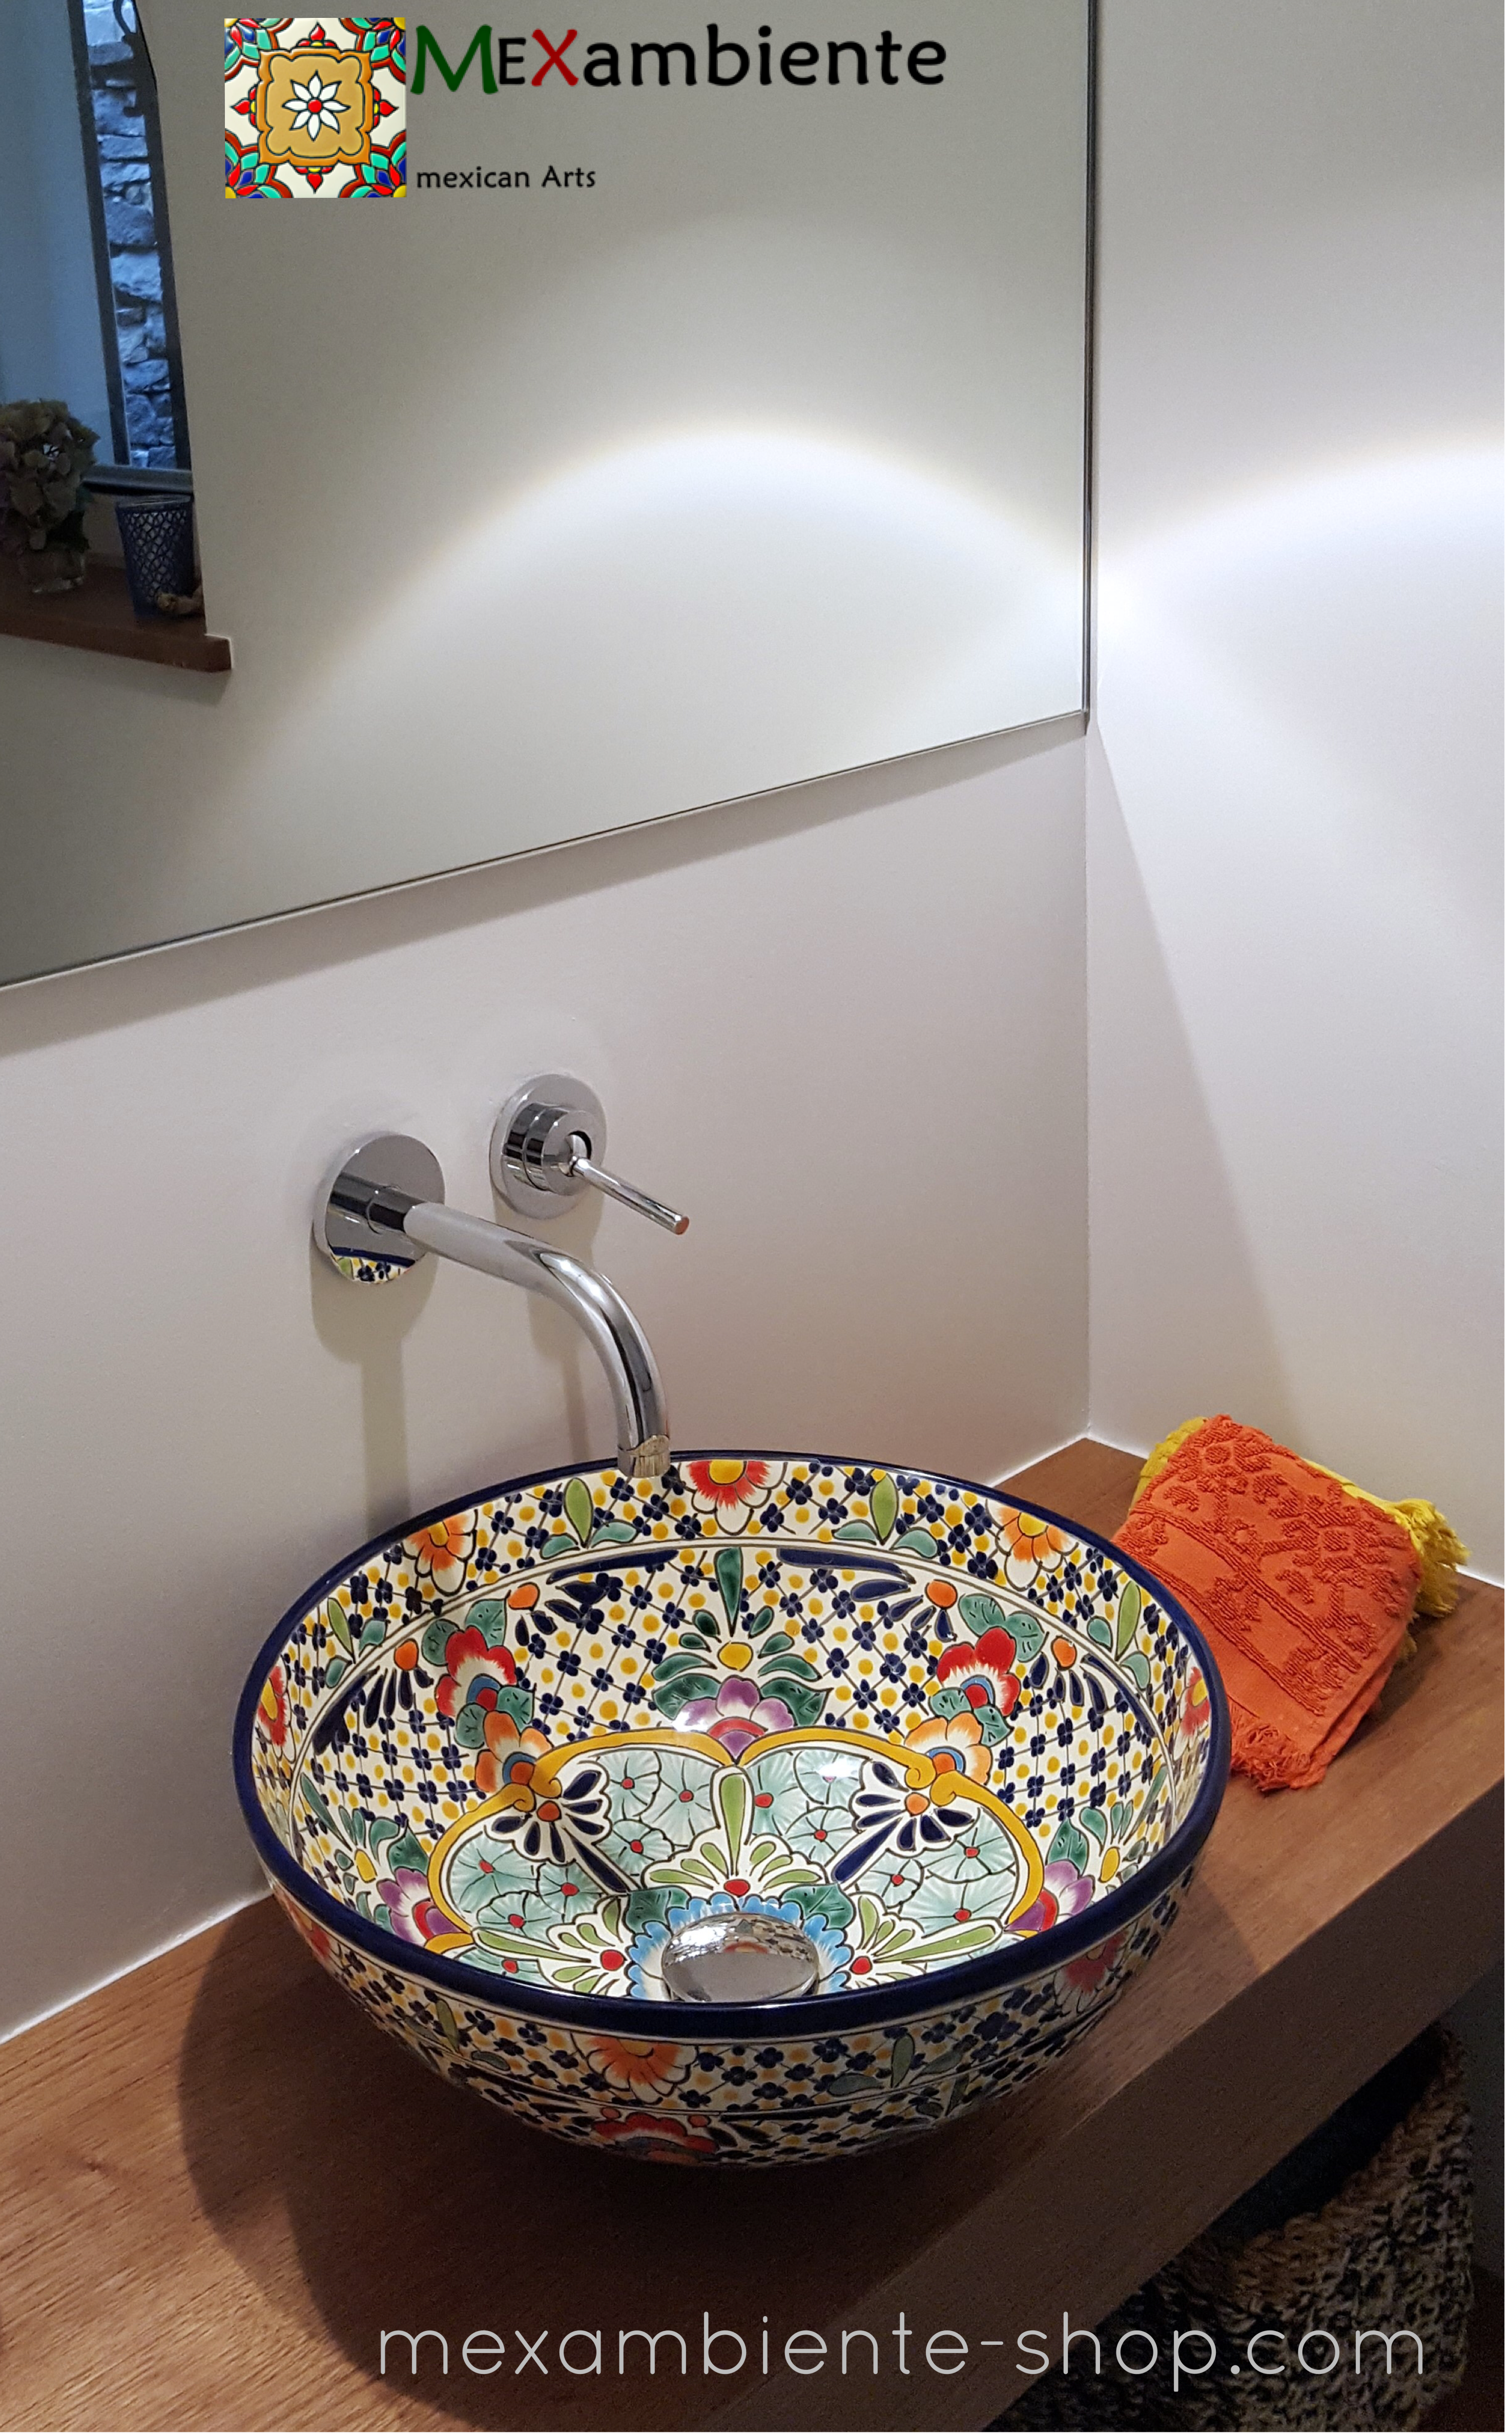 Tolles Gaste Wc Mit Einem Handbemalten Waschbecken Aus Mexiko Von Mexambiente Caribe Waschtisch Aus Holz Bade Waschbecken Gaste Wc Rustikale Bad Eitelkeiten